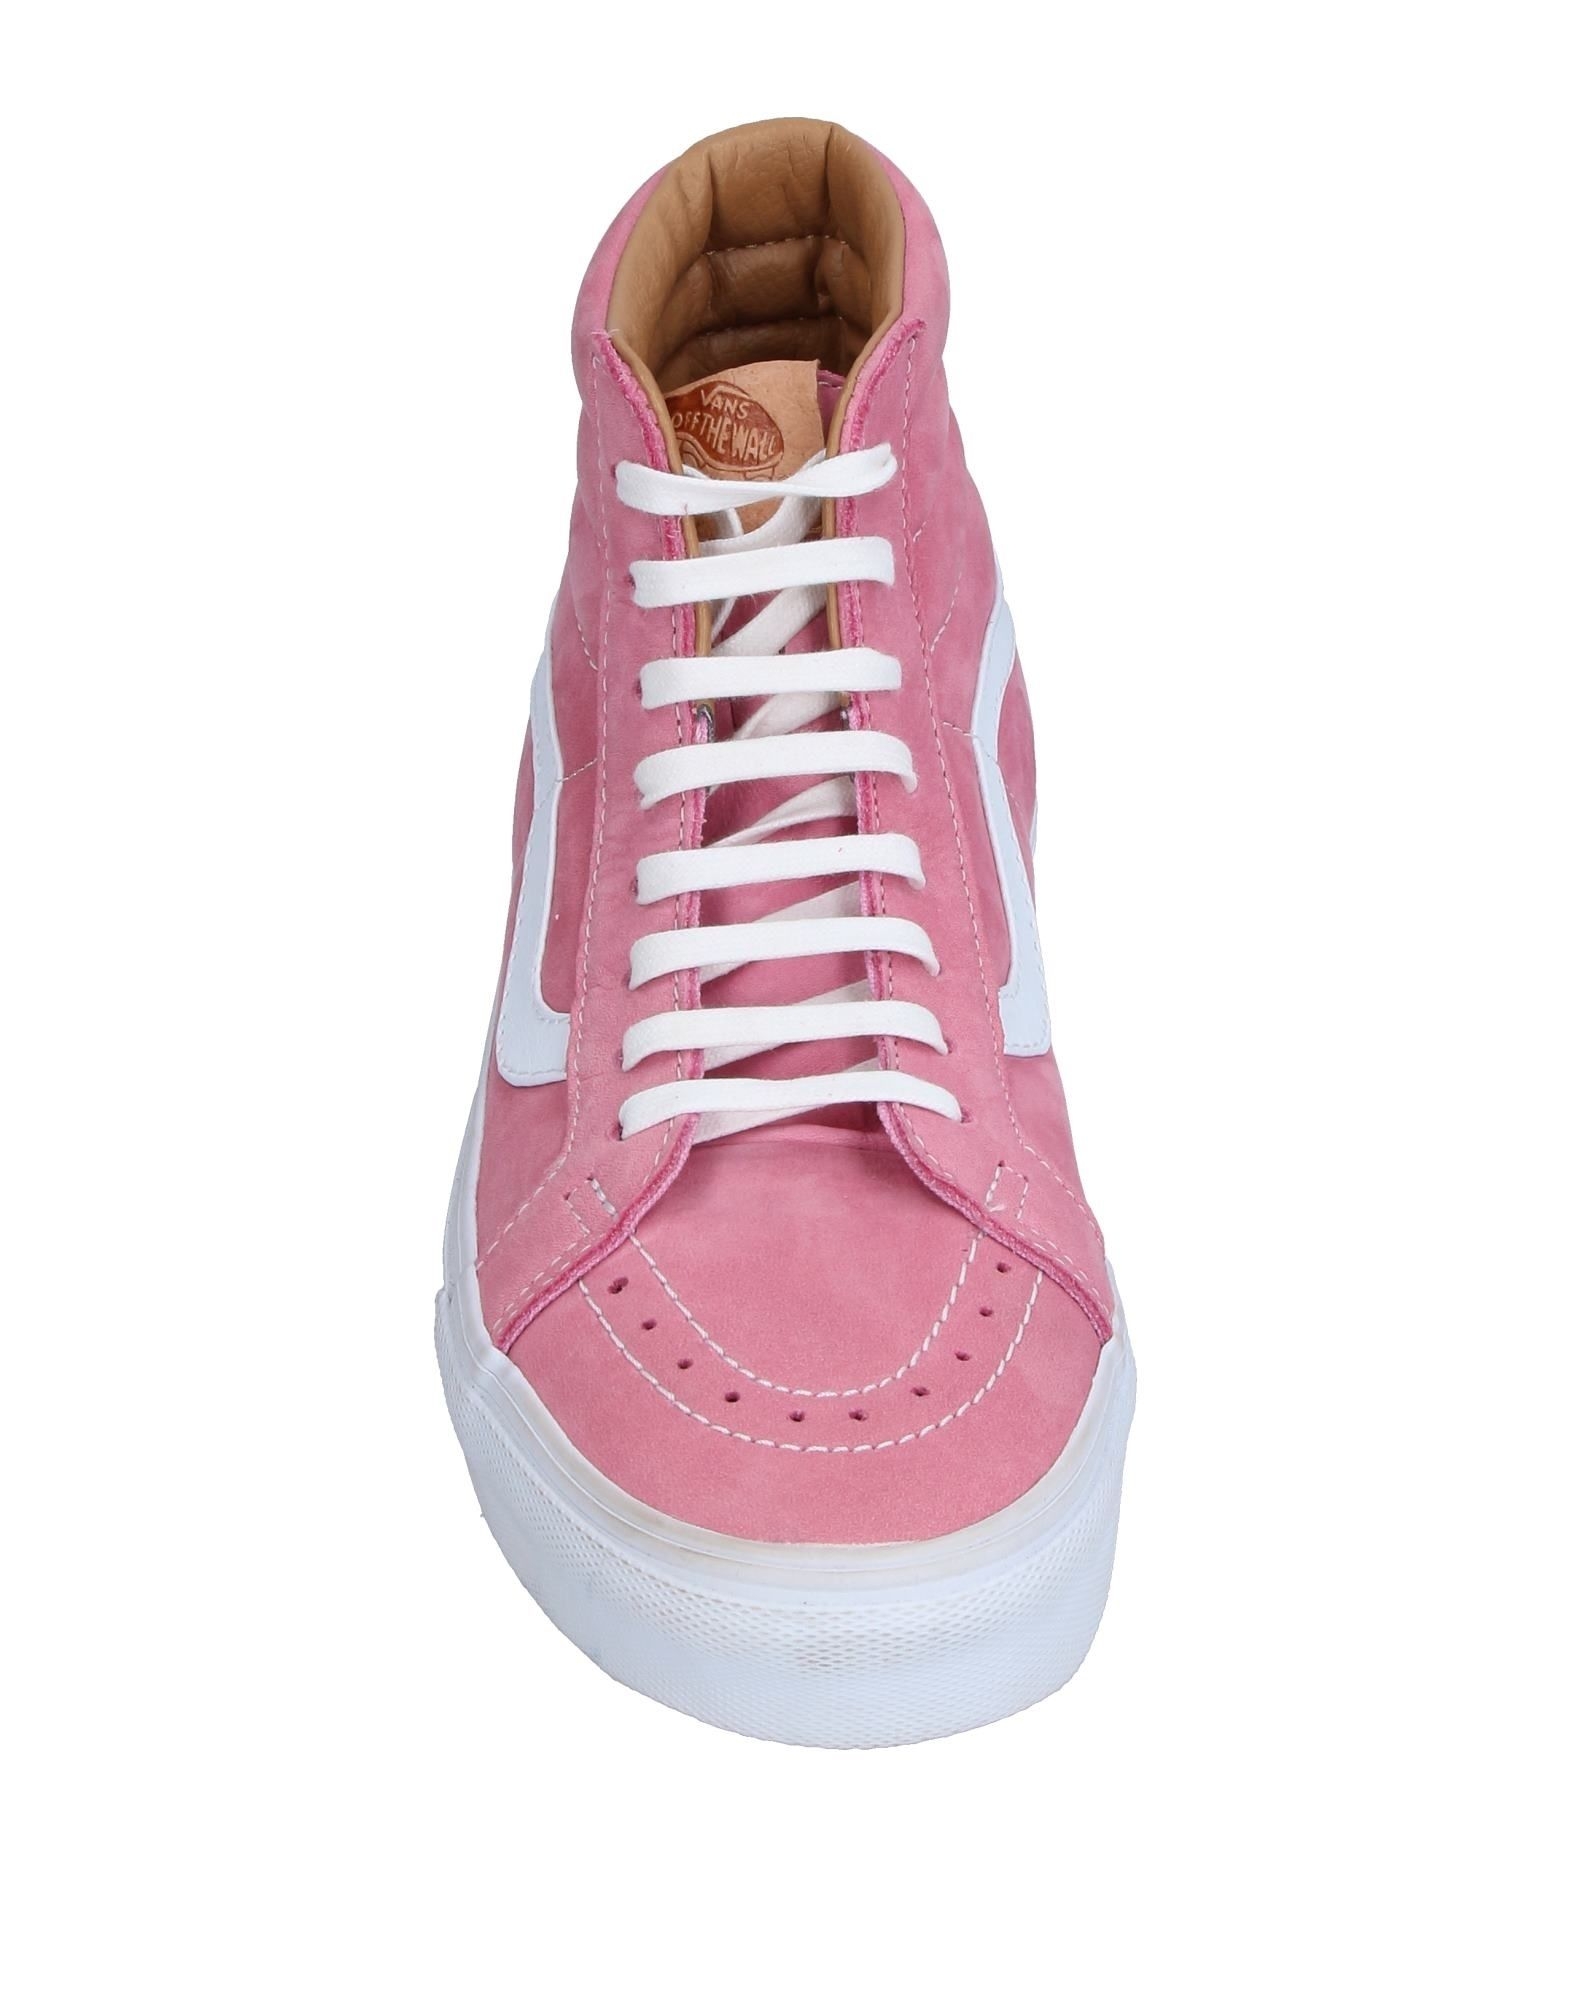 Sneakers Vans California Femme - Sneakers Vans California sur